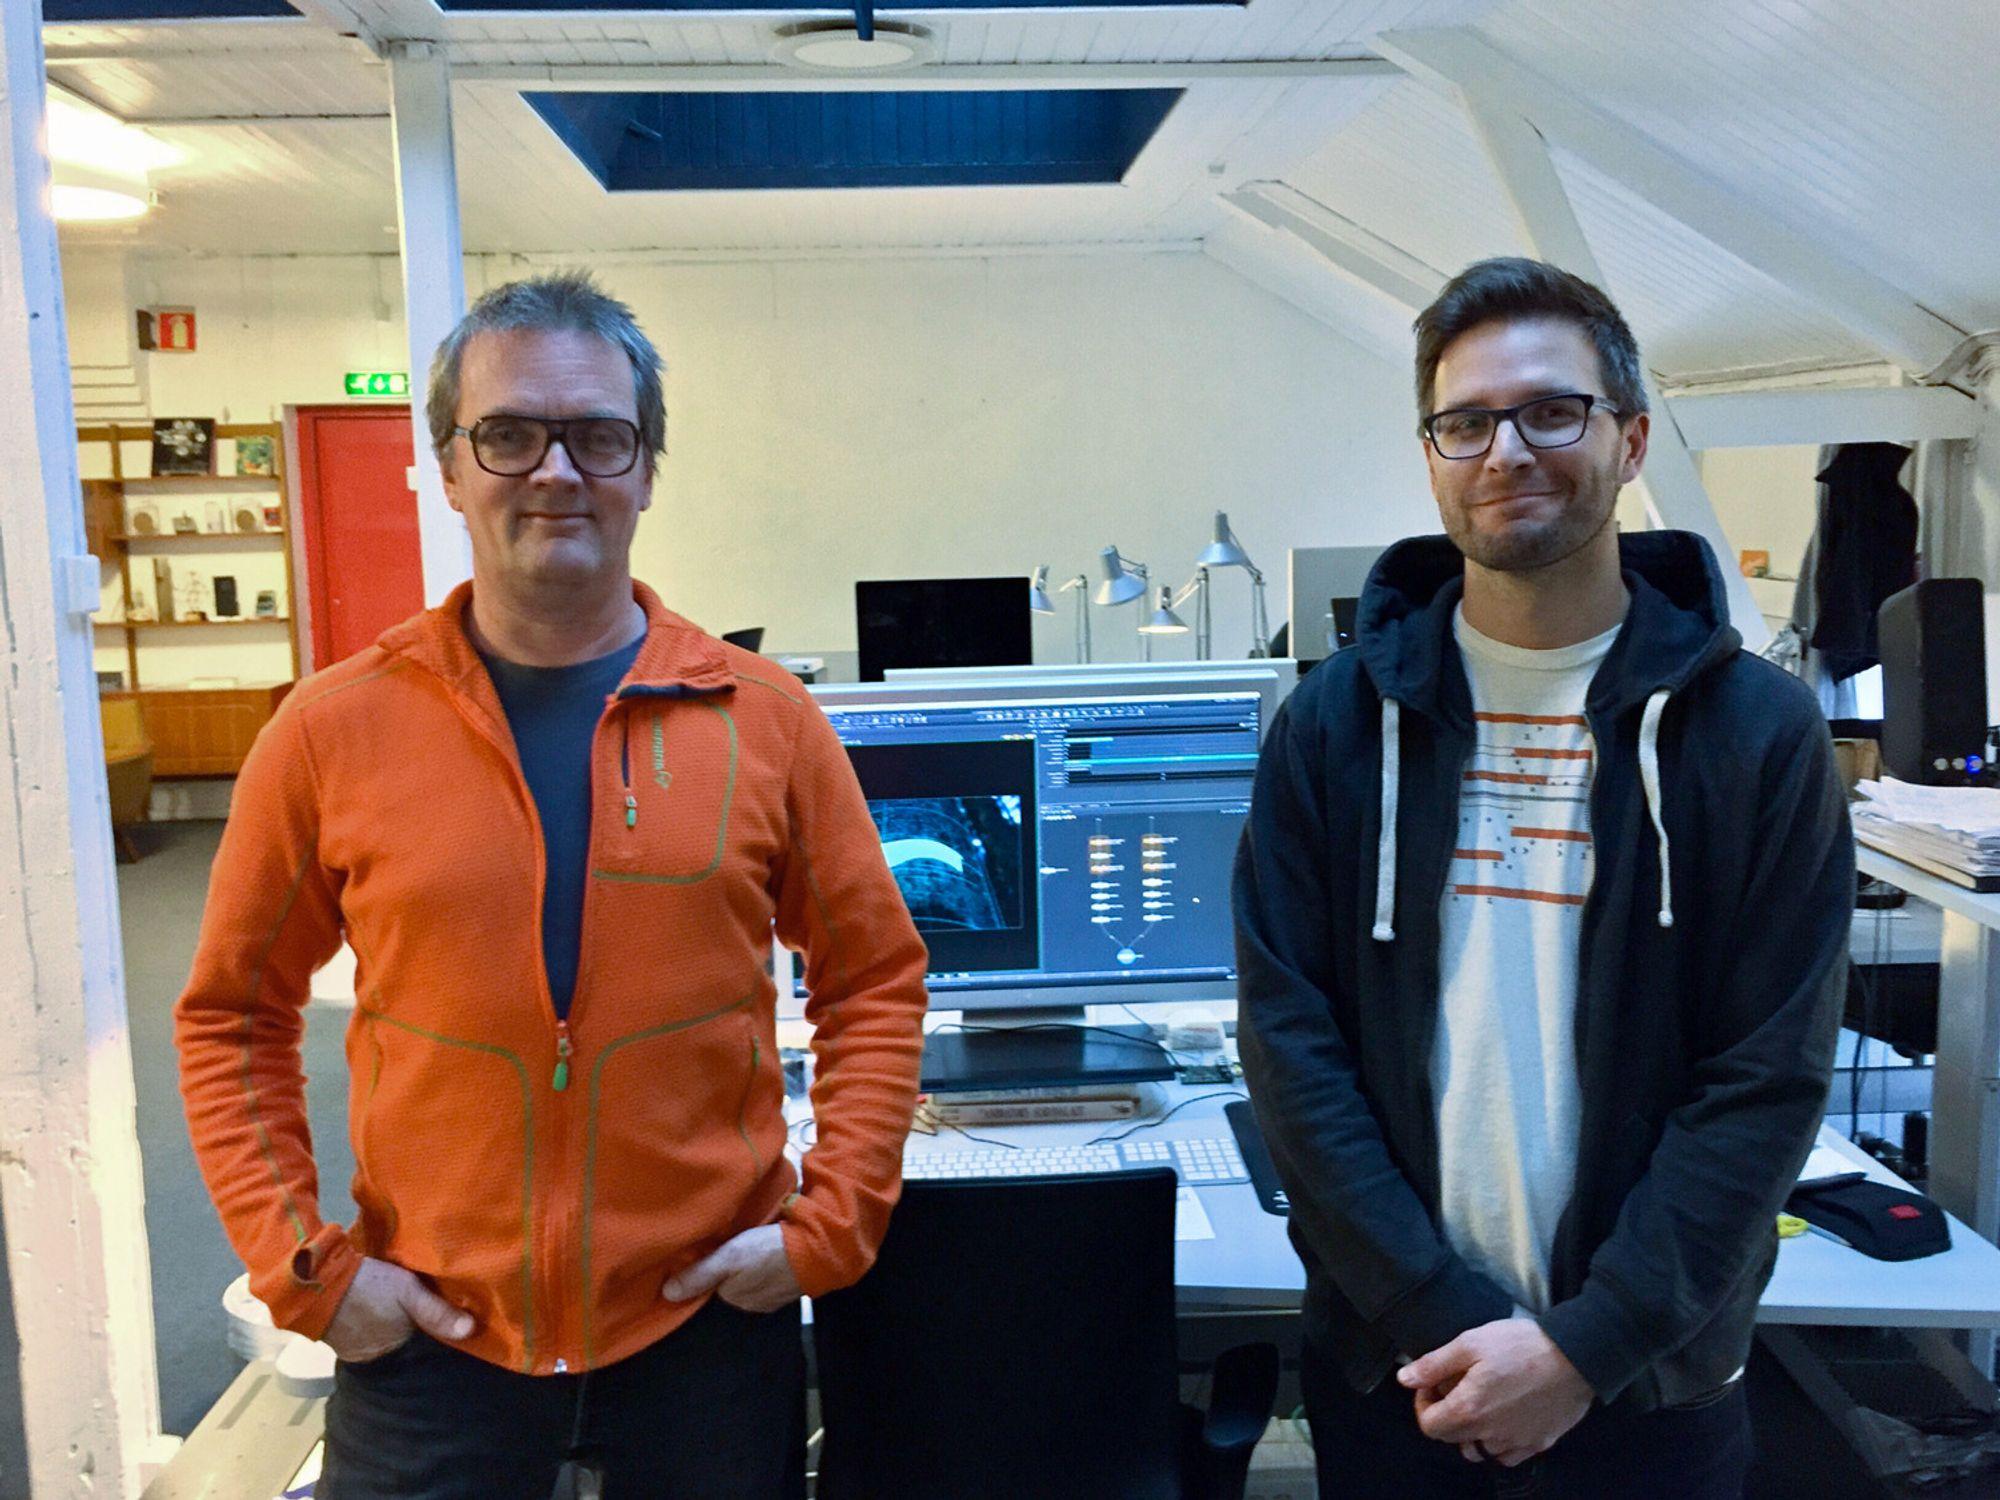 Franck og Bonsak har lang erfaring med dataanimasjon. Det trengs skikkelig maskinvare for å utføre jobben.